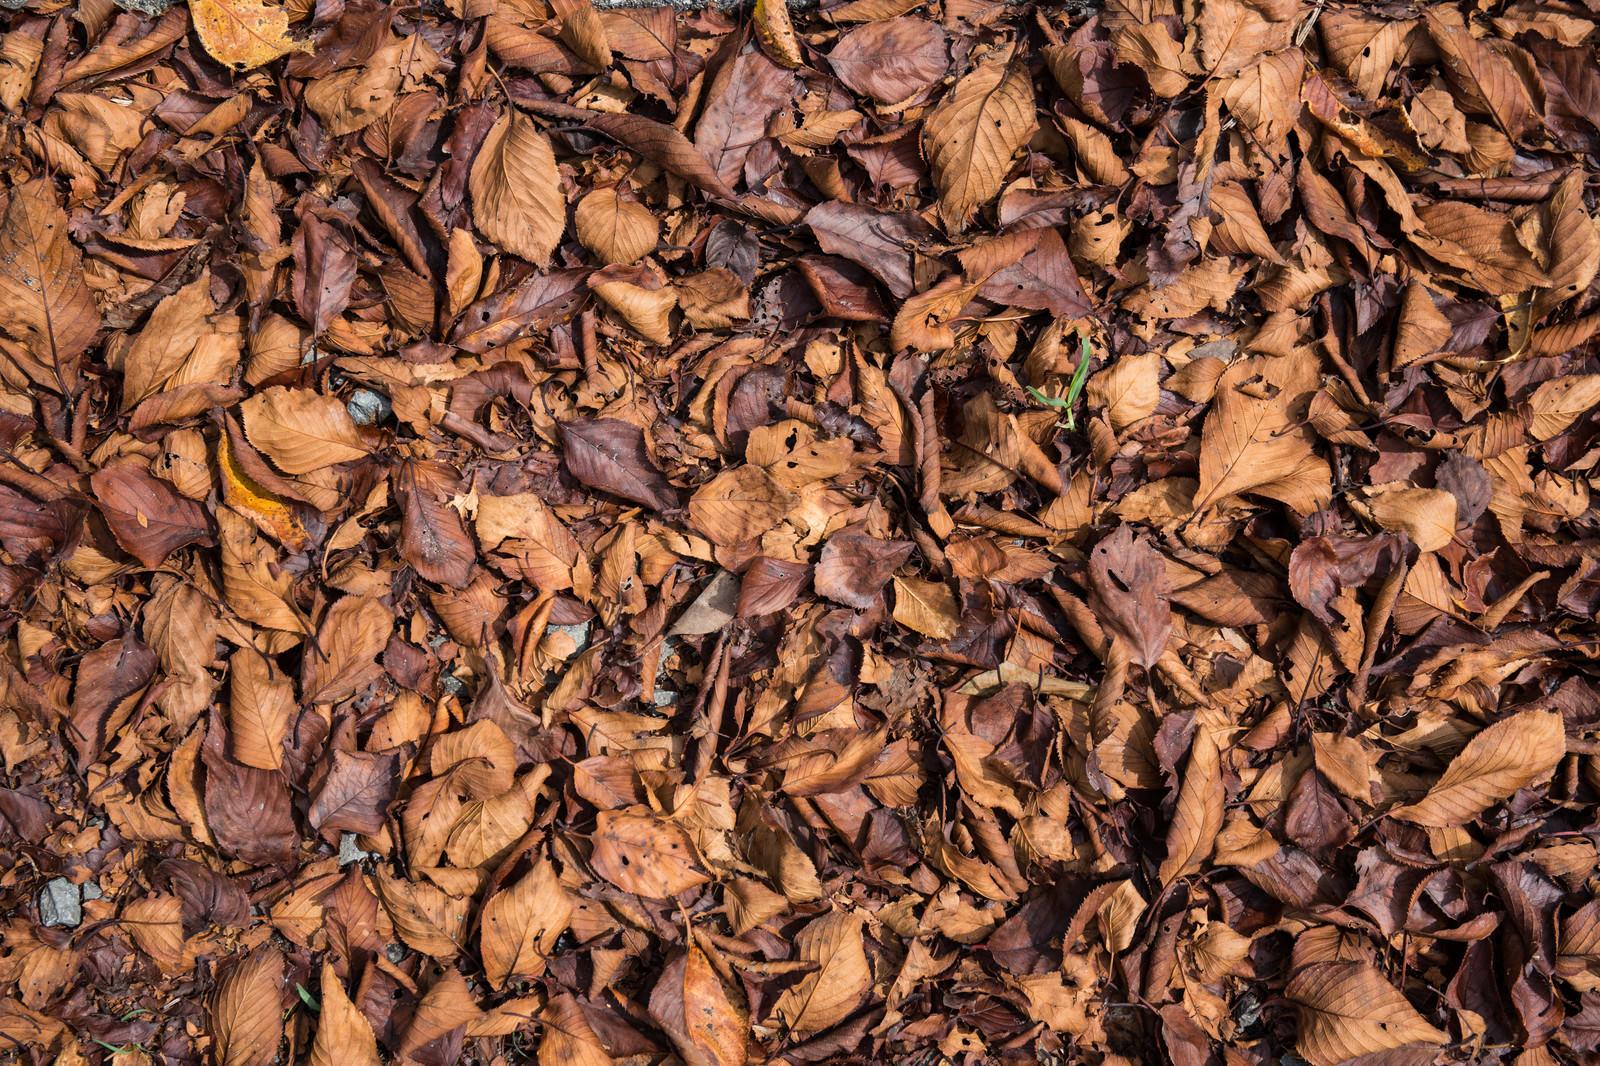 「枯れ落ちた葉のテクスチャ」の写真